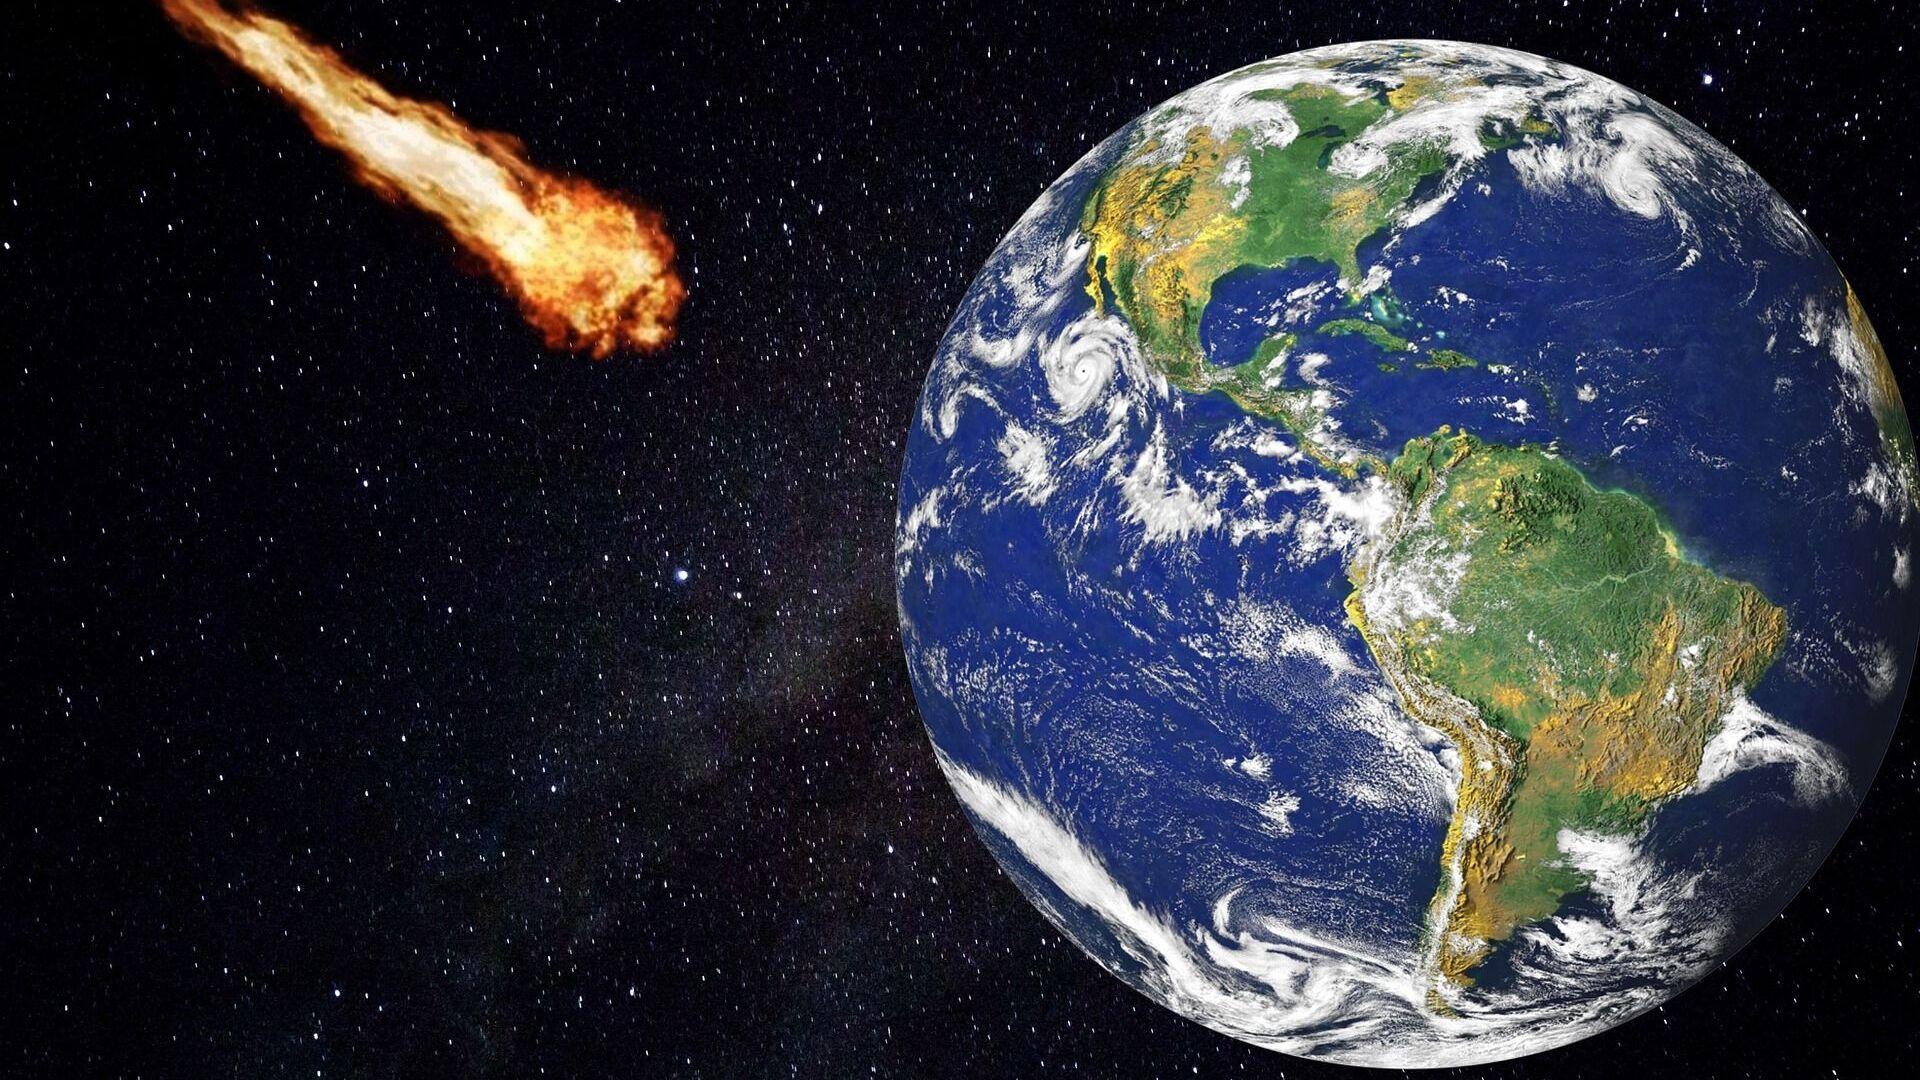 Un meteorito a punto de impactar contra la Tierra - Sputnik Mundo, 1920, 17.09.2021